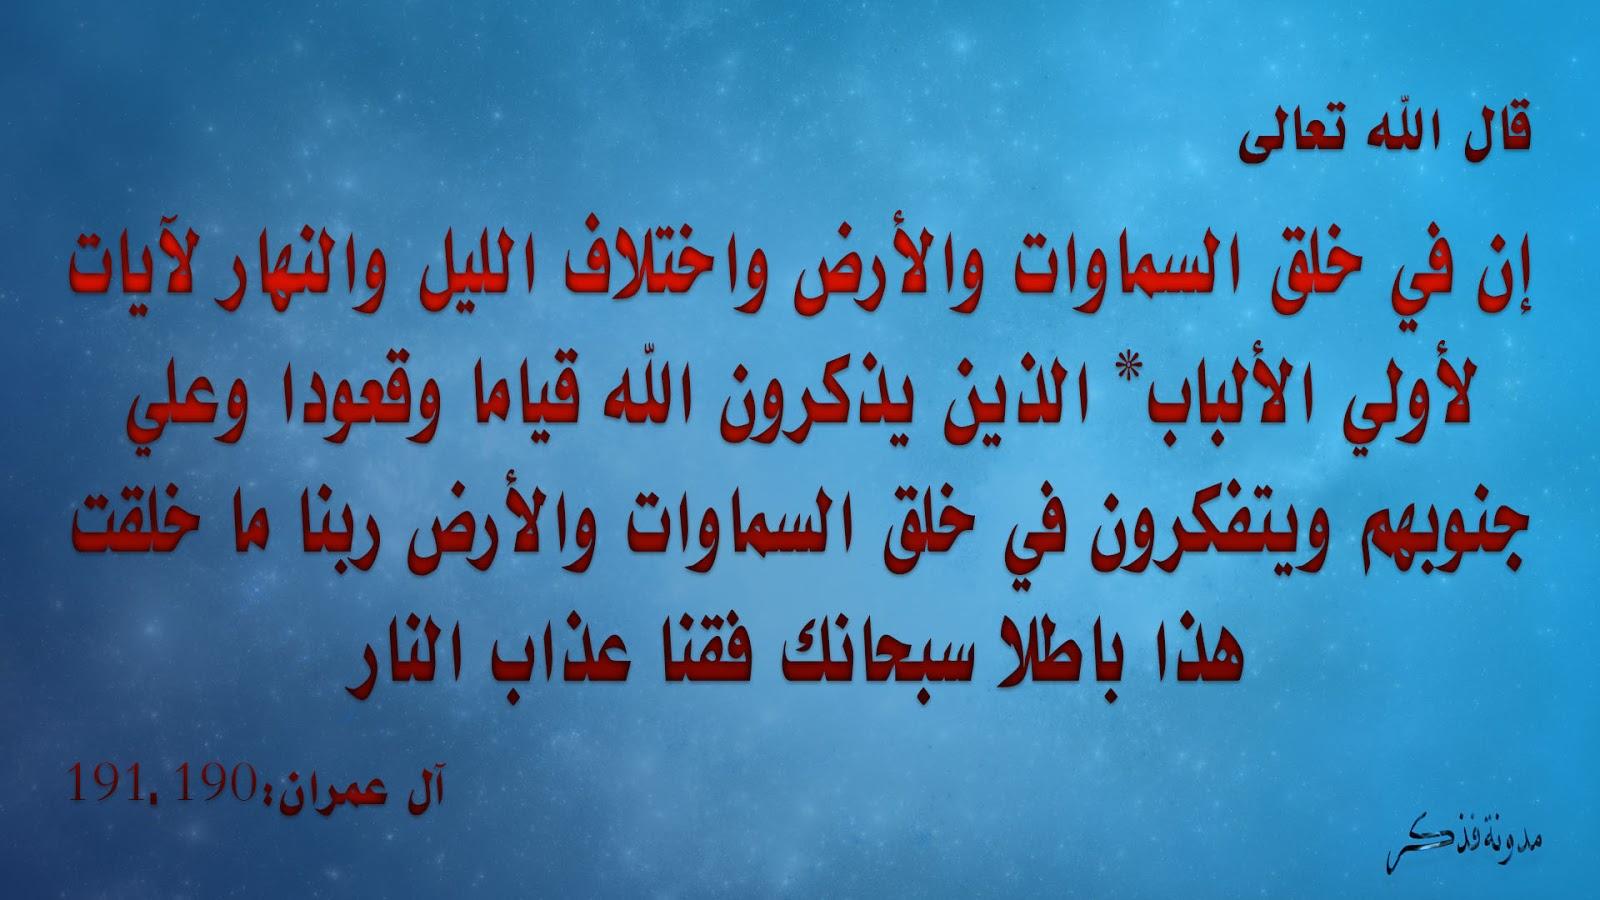 الإعجاز العلمي في قوله والسماء بنيناها بأيد وإنا لموسعون فذكر